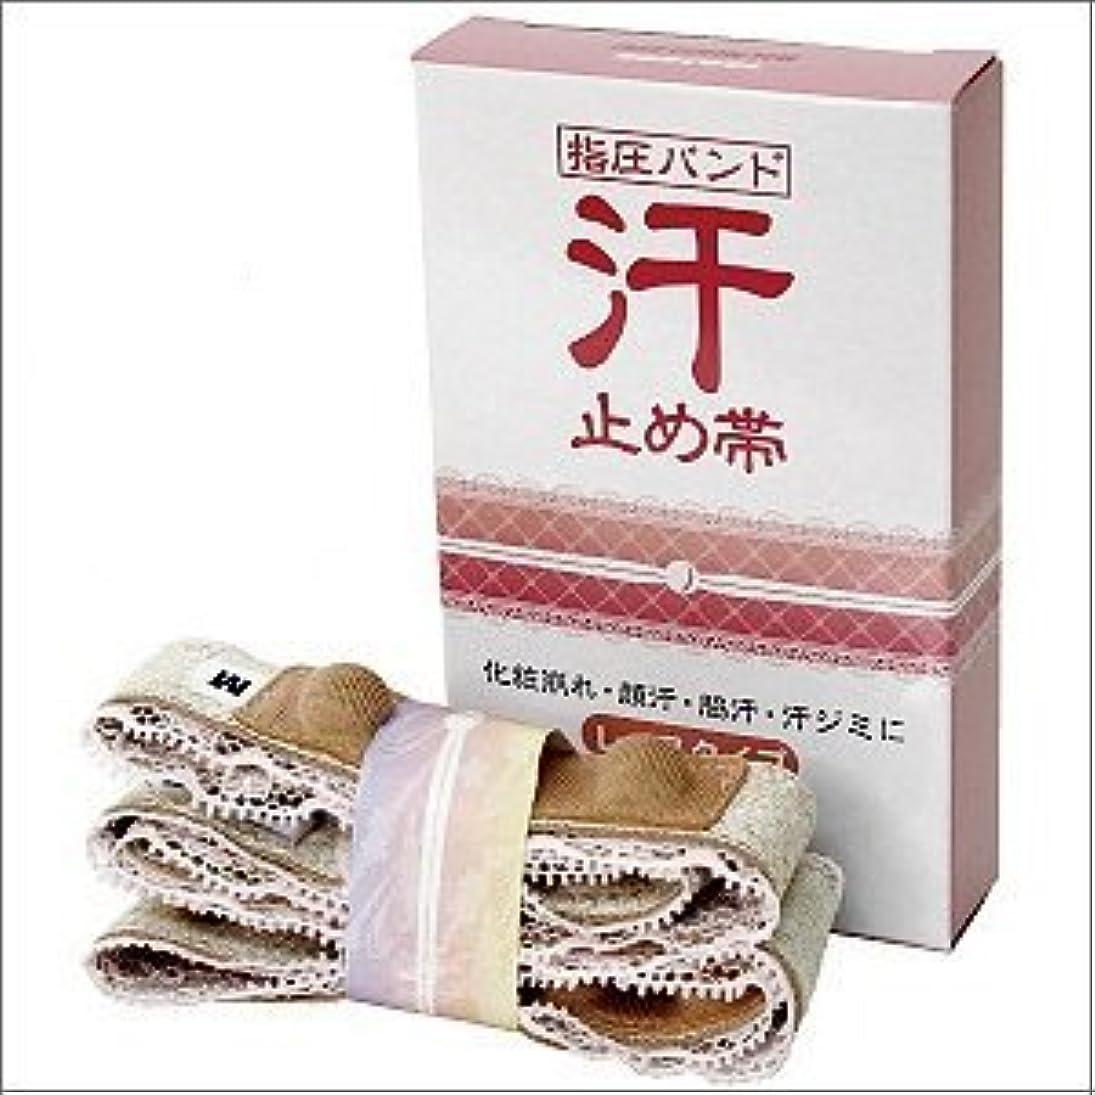 汗止め帯 レースタイプ (XL(1050~1150mm), ピンク)